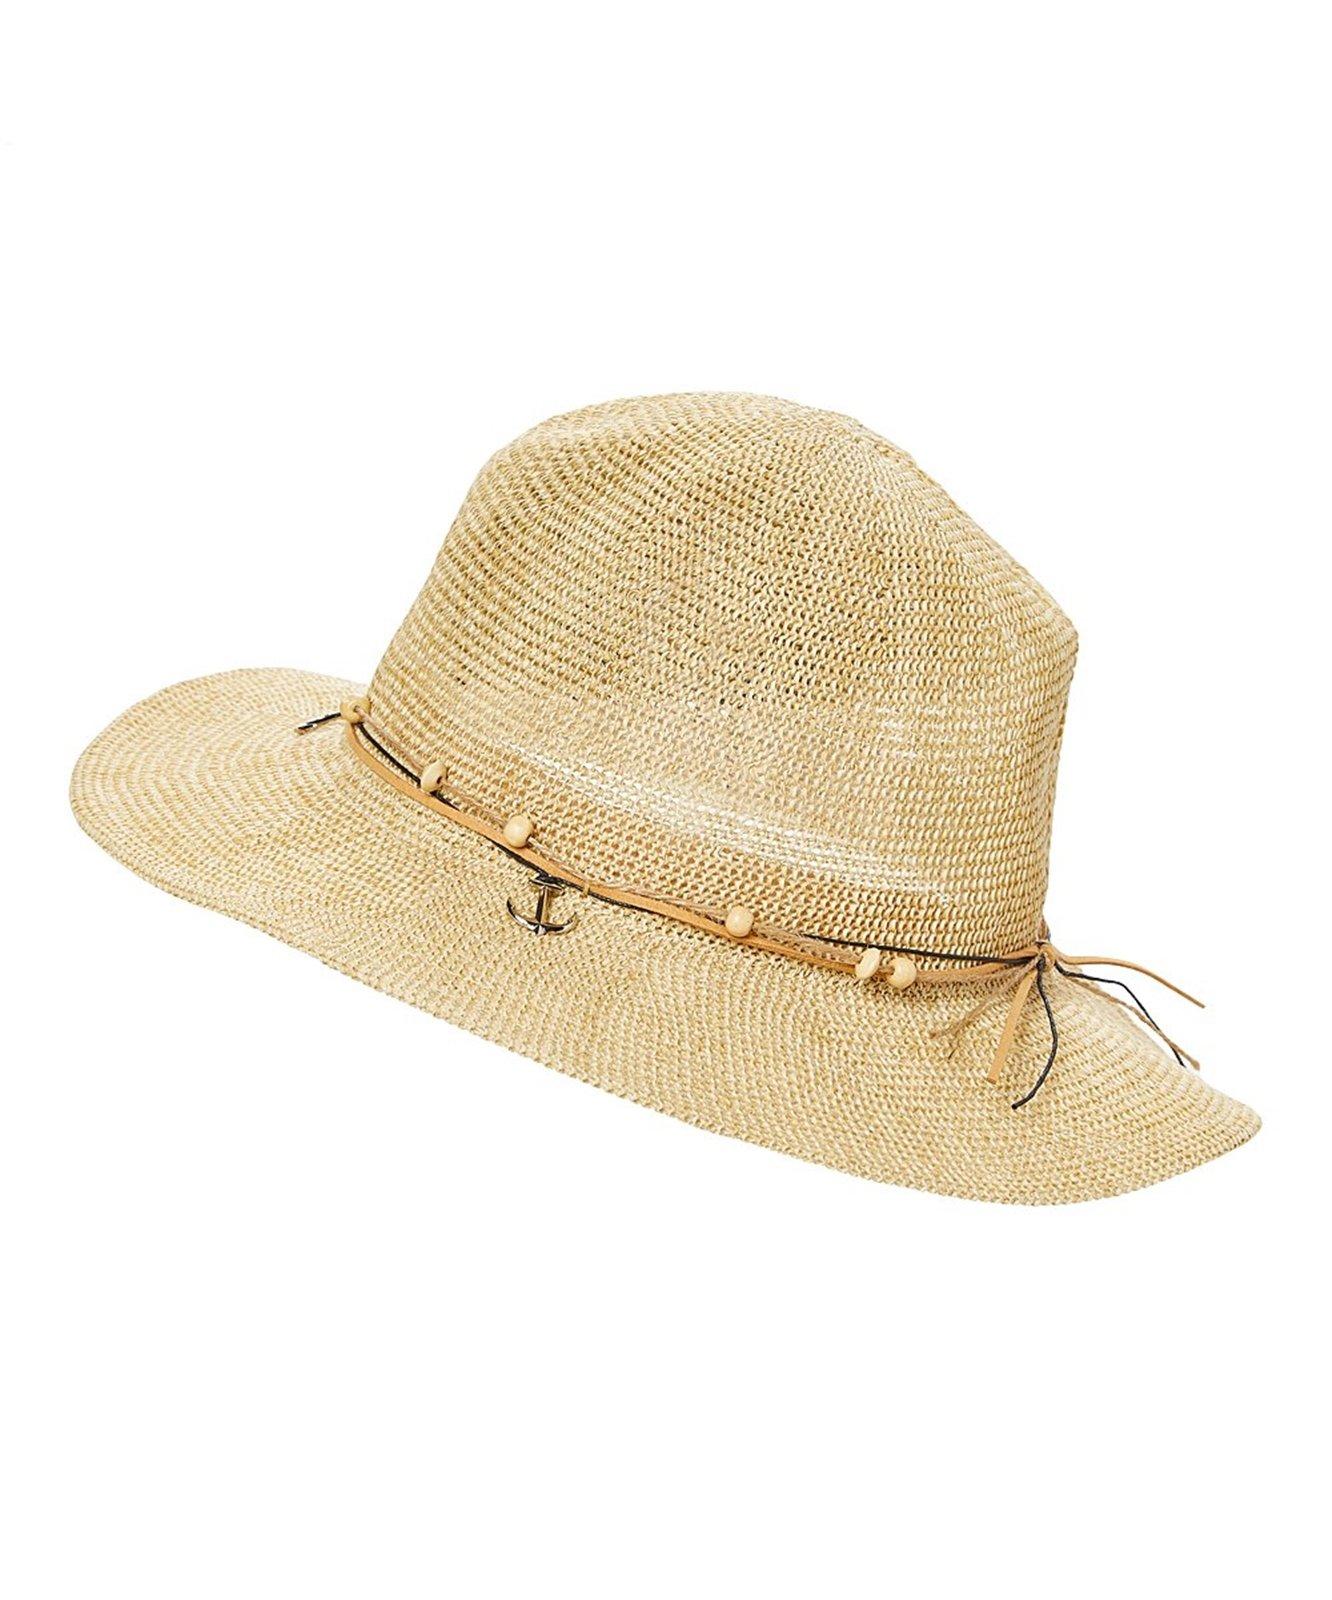 Lightweight Beach Panama w/Wooden Beads & Anchors, Short Brim Summer Sun Hat (Sandy Tan)